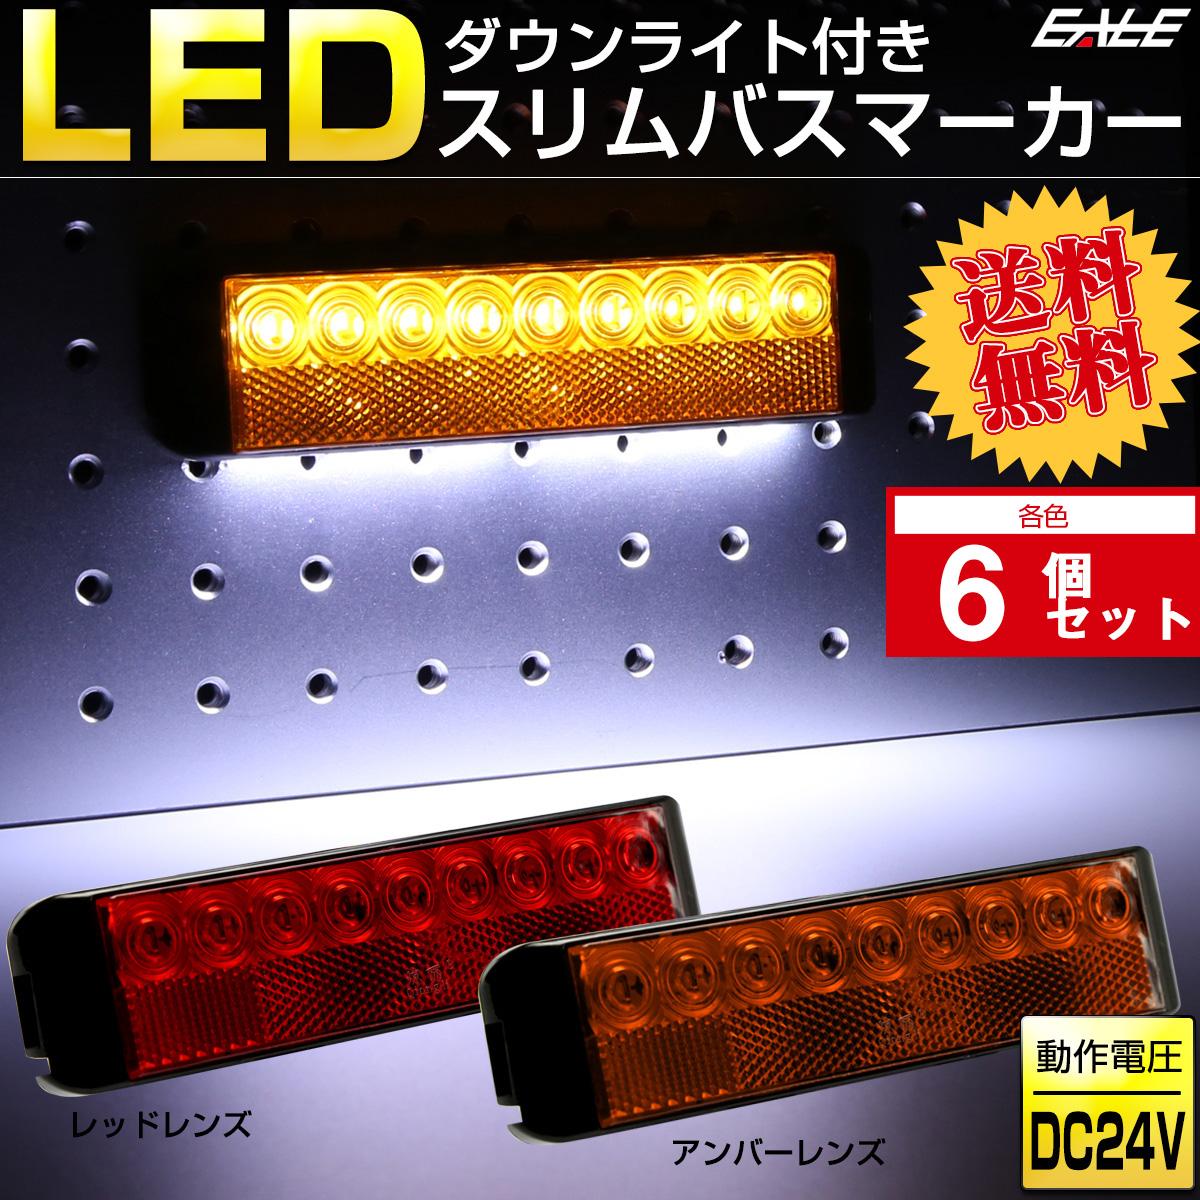 【送料無料】 6個セット LED ダウンライト付き スリム バスマーカー 角型 路肩灯 サイドマーカー リフレクター搭載 F-256-257-6SET